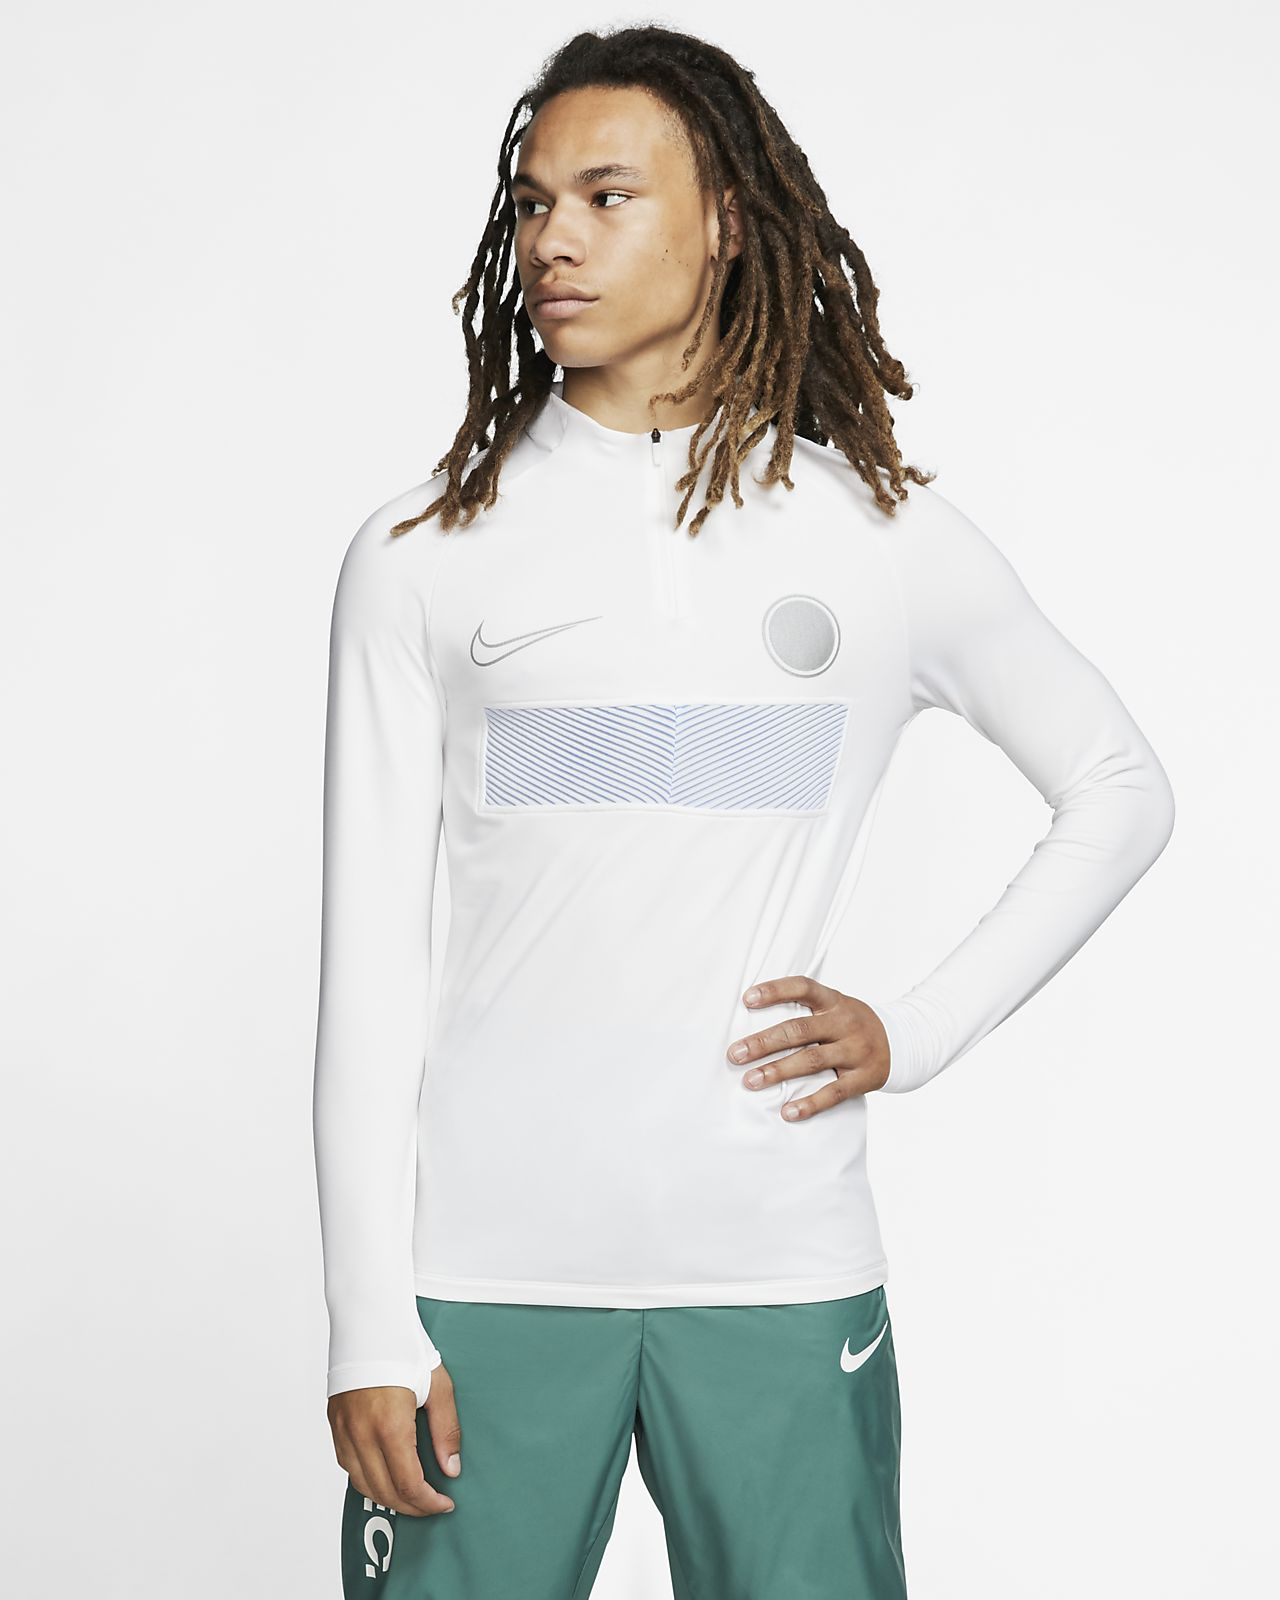 Nike AeroAdapt Strike fotballtreningsoverdel til herre